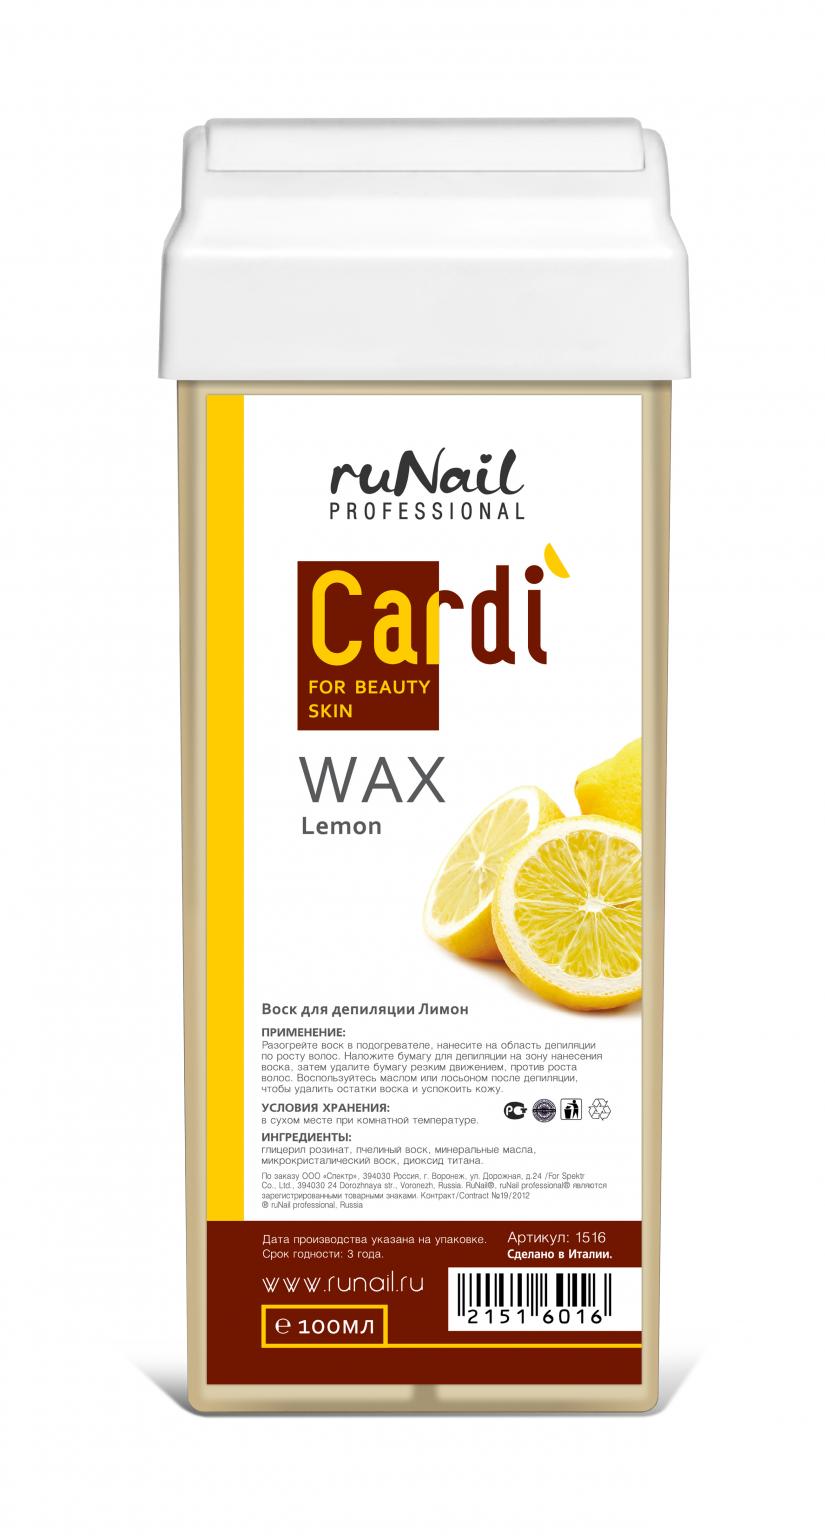 """Воск для депиляции Cardi (аромат: """"Ароматный лимон"""""""") №1516"""